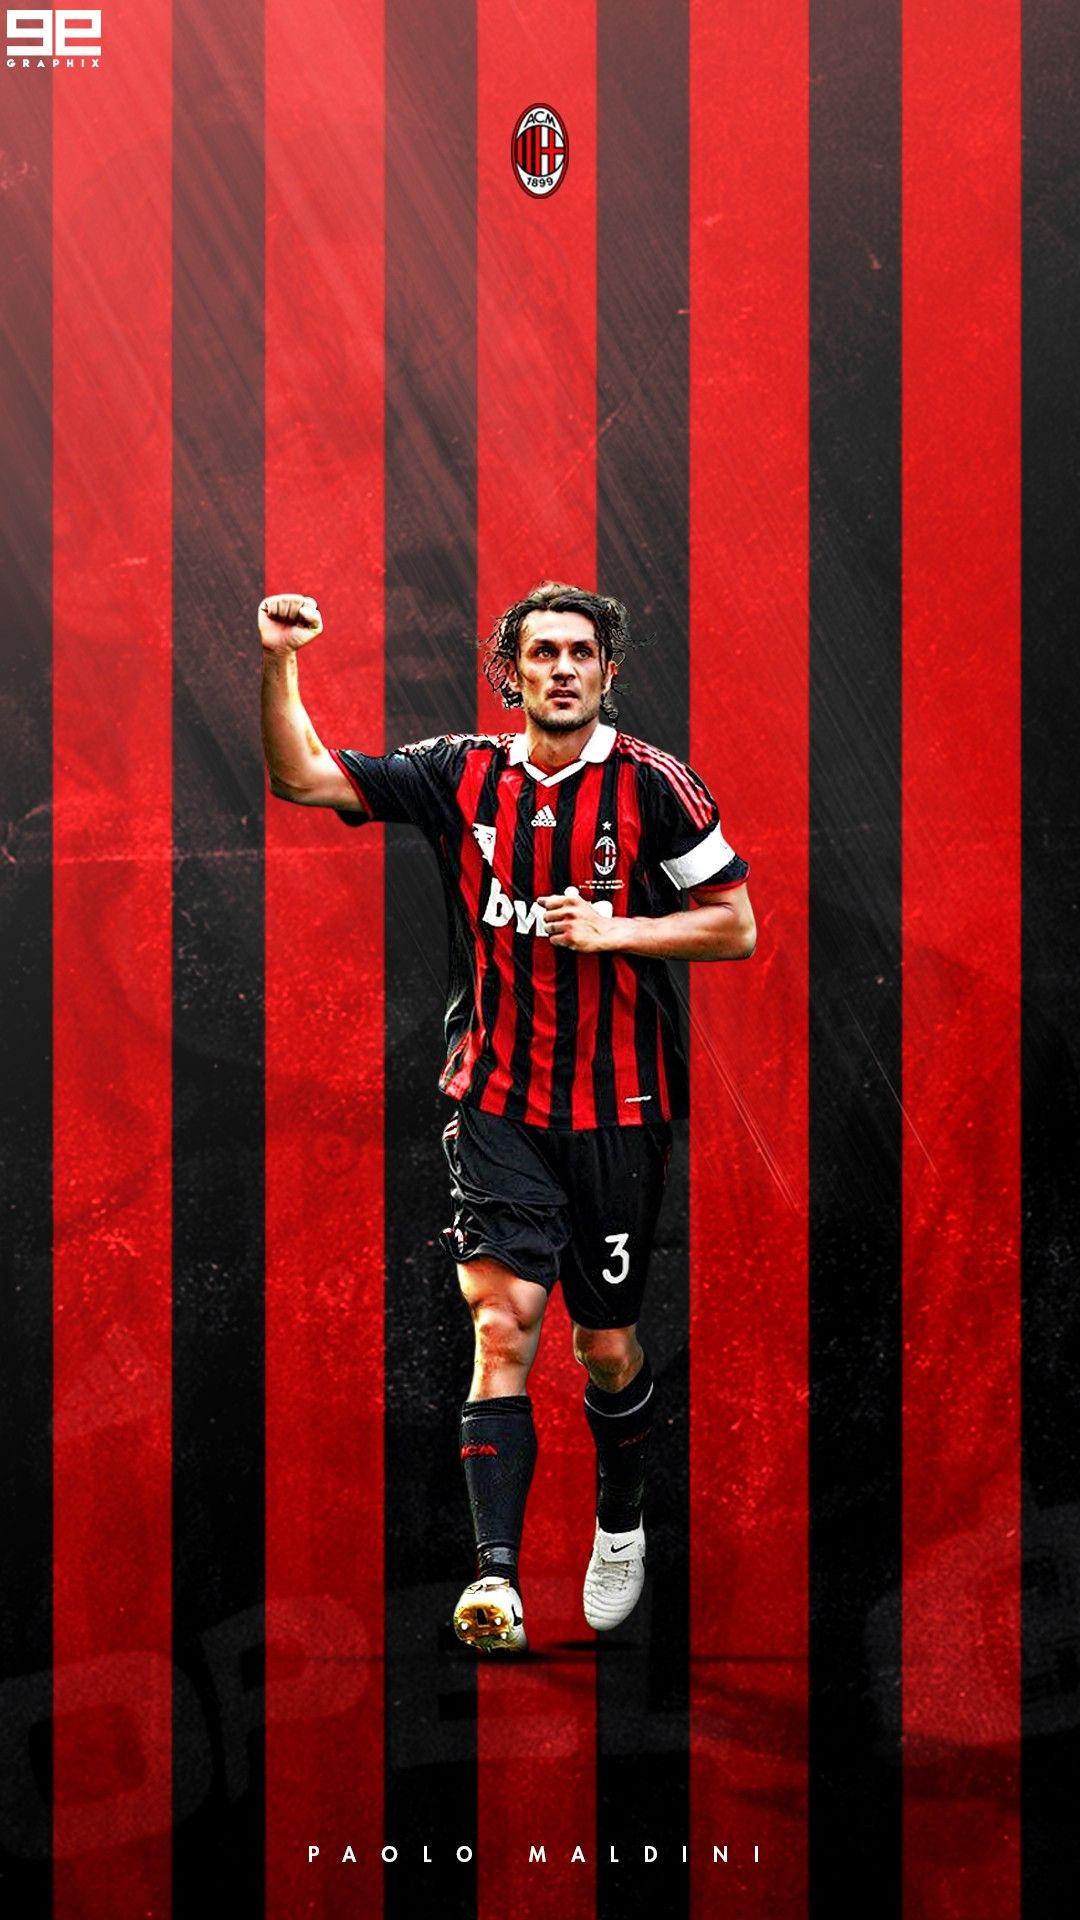 Paolo Maldini AC Milan Soccer Paolo maldini Milan wallpaper 1080x1920